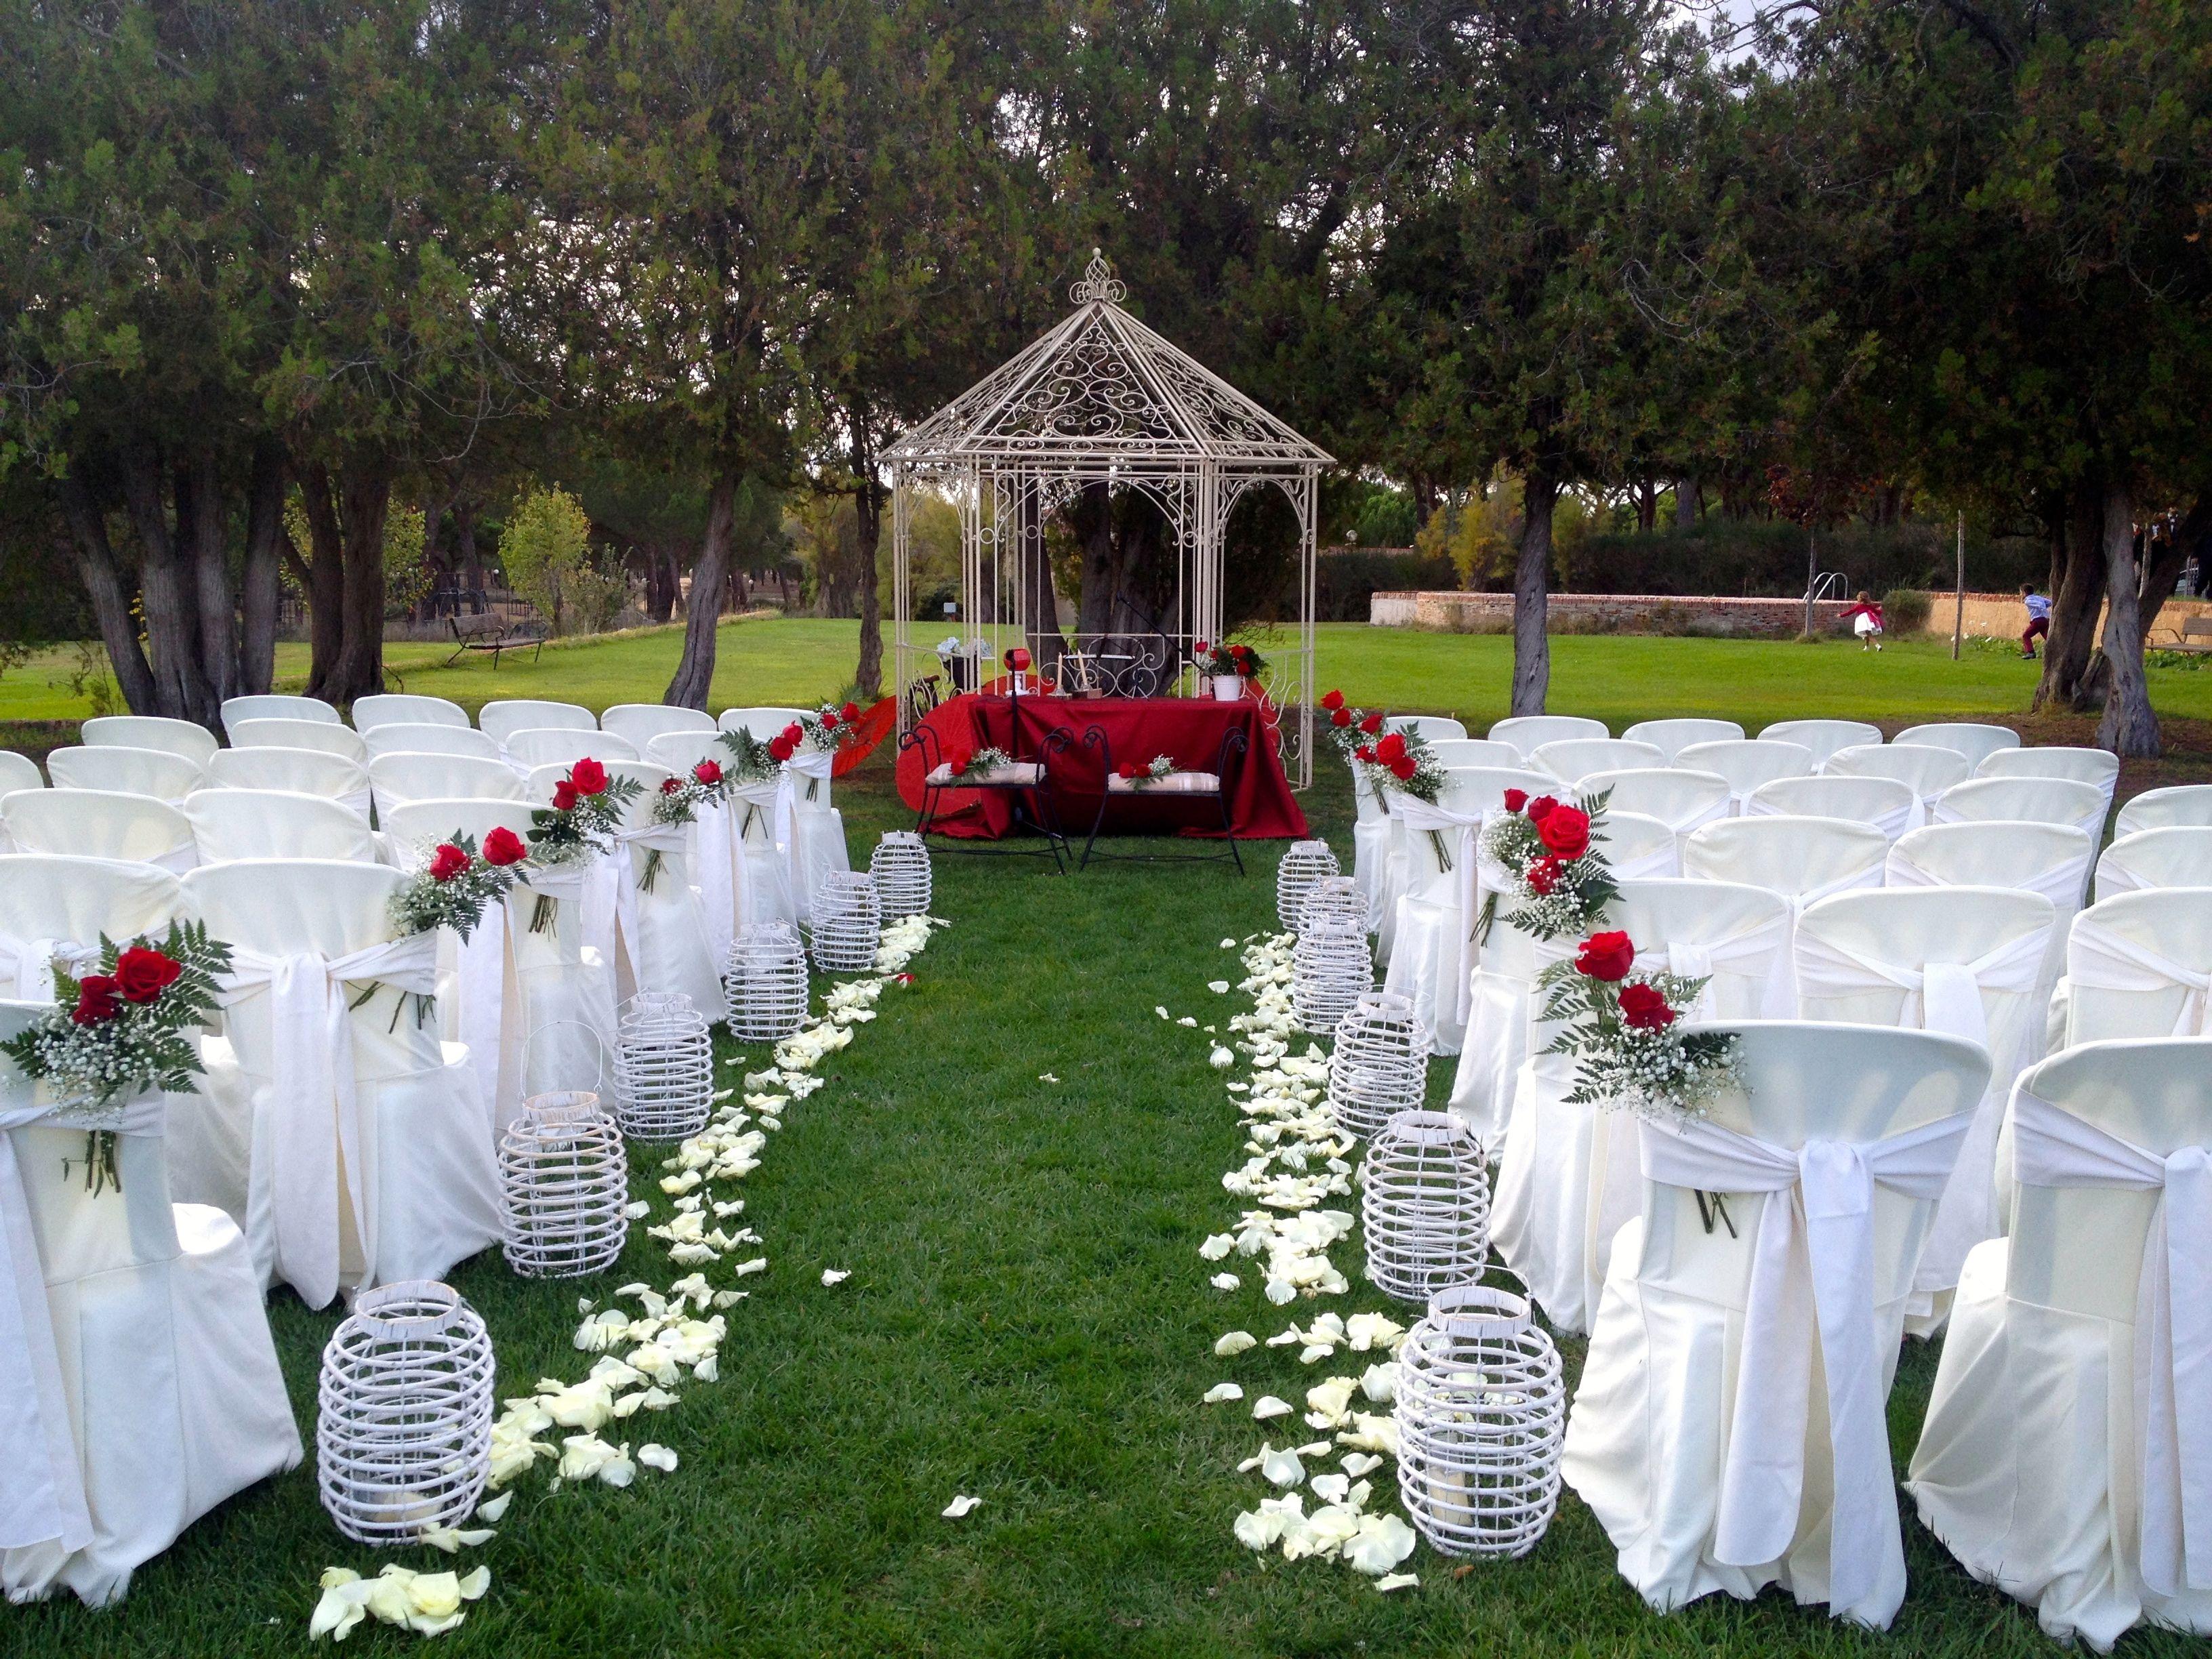 La boda de mar a y miguel la posada real del pinar - Lugares originales para casarse ...